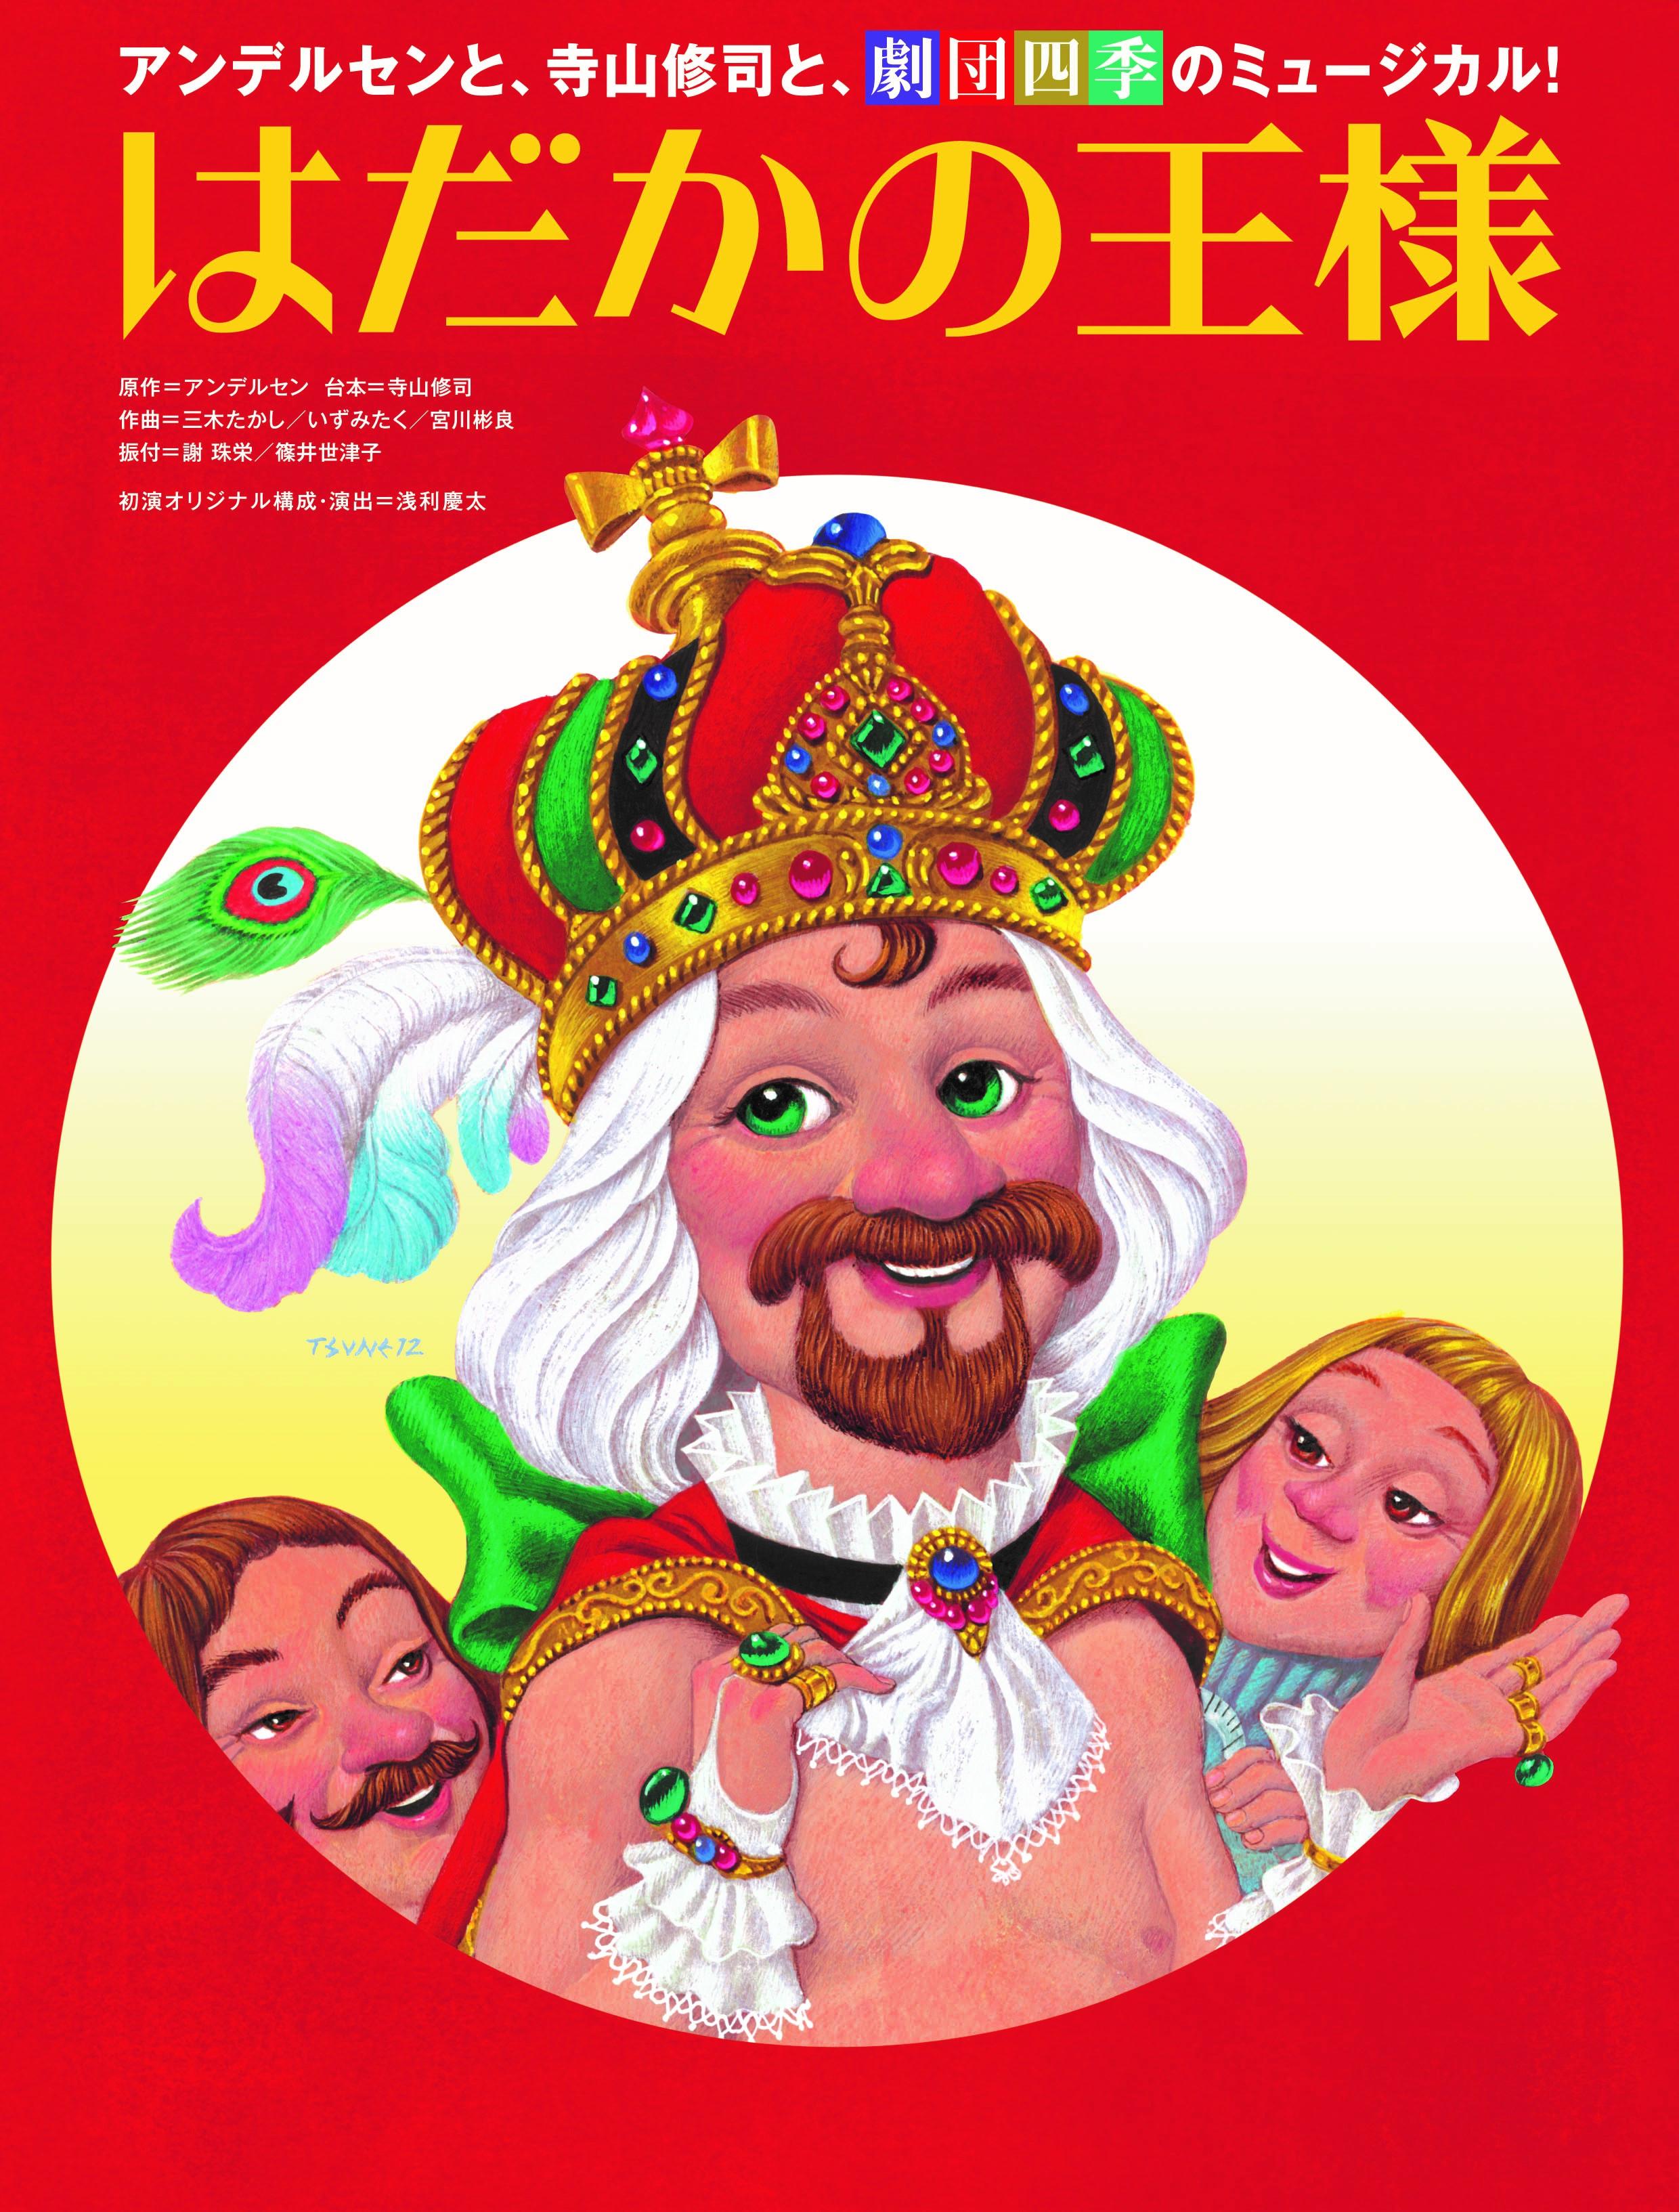 劇団四季ファミリーミュージカル「はだかの王様」鹿児島公演